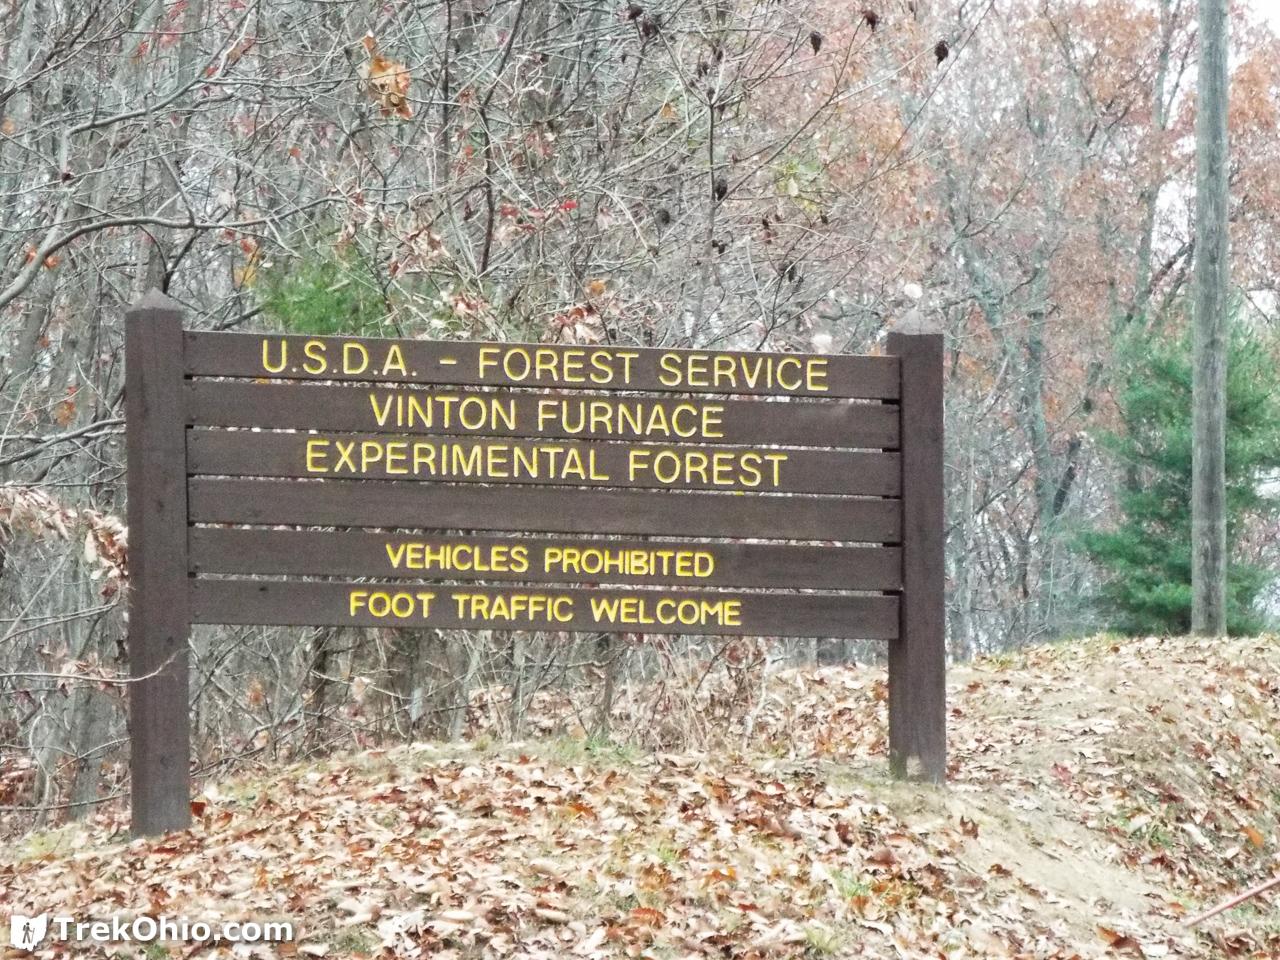 Vinton Furnace State Forest Entrance Sign